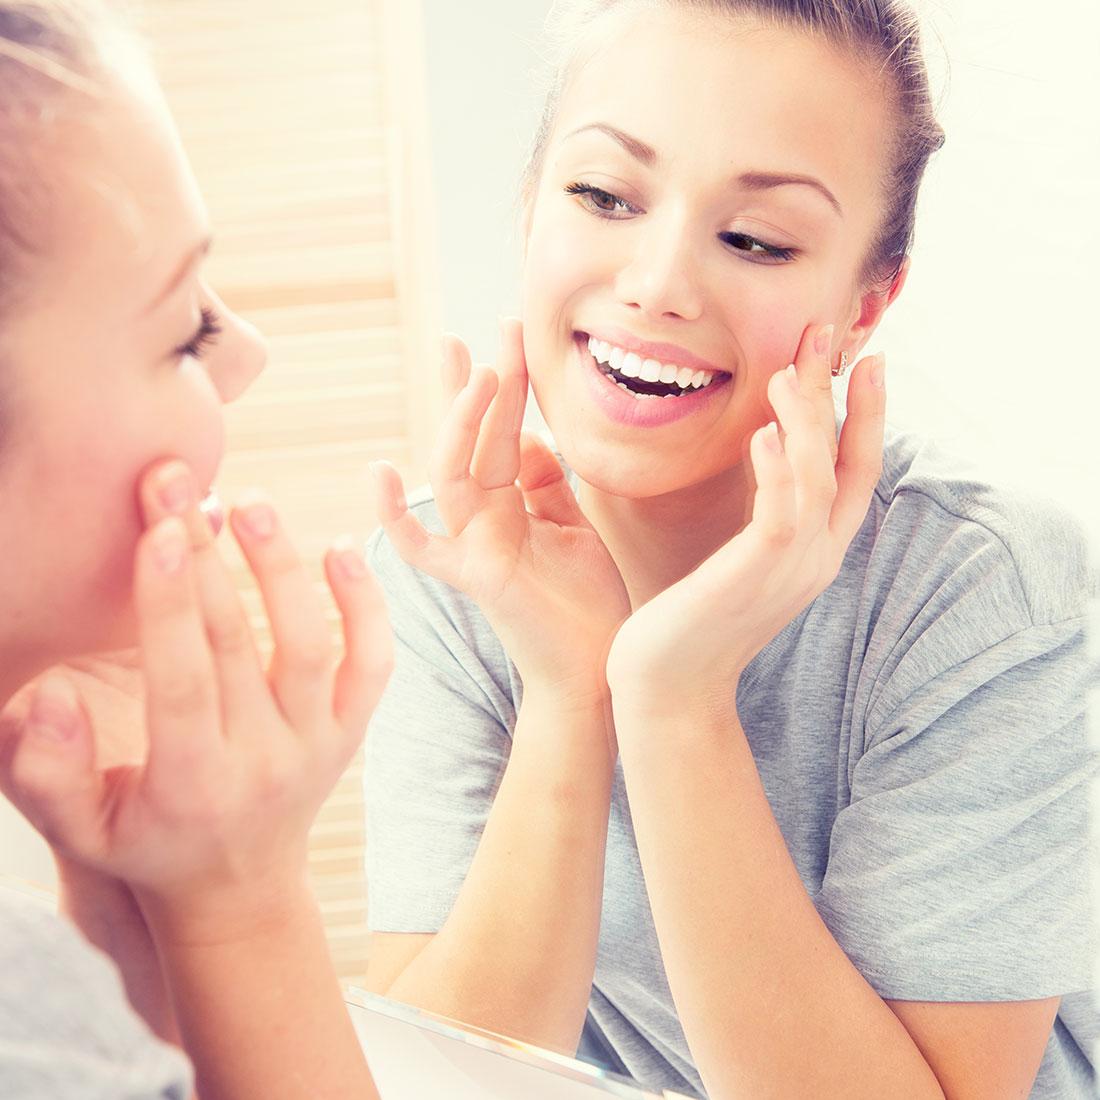 Έφηβη κοπέλα αγγίζει το πρόσωπό της μπροστά στον καθρέφτη, απολαμβάνοντας το καθαρό δέρμα της